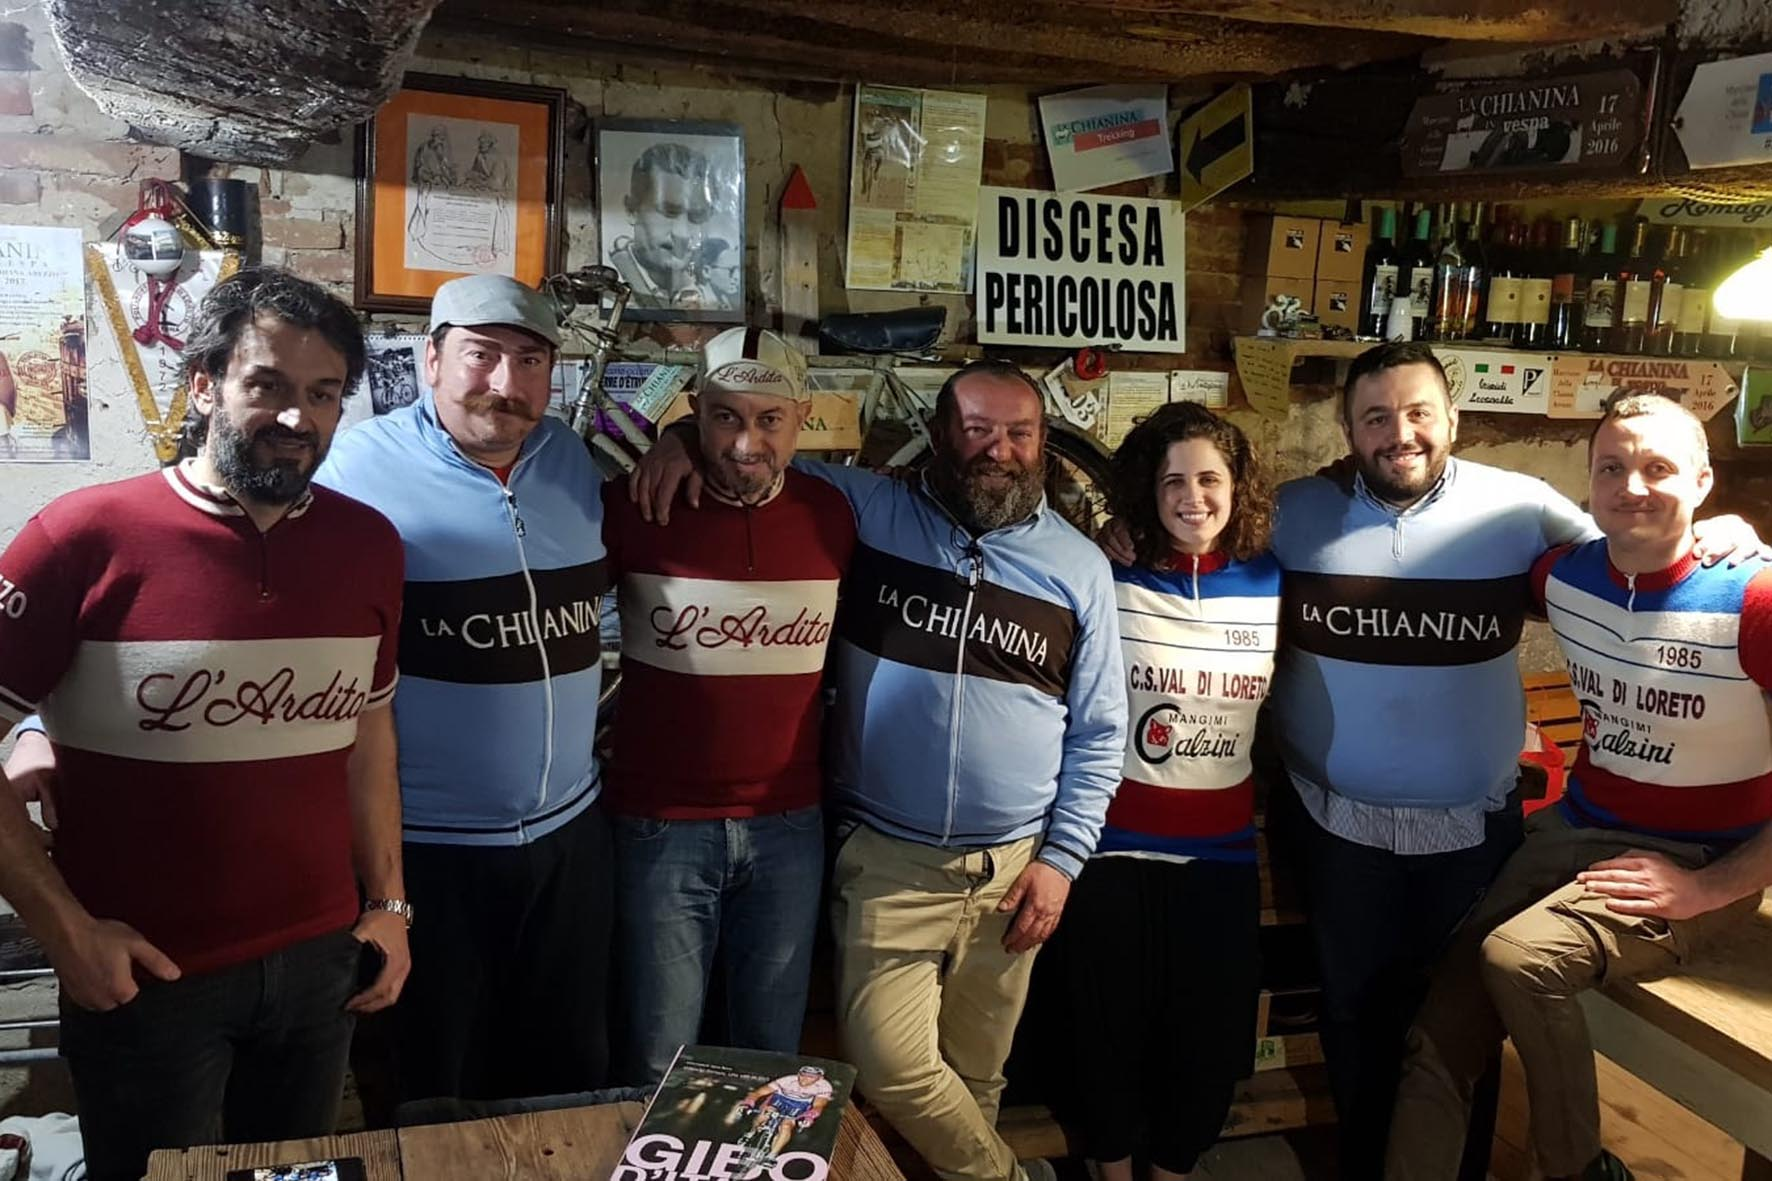 Ardita, Chianina e Cortonese uniscono le forze nel segno del ciclismo storico